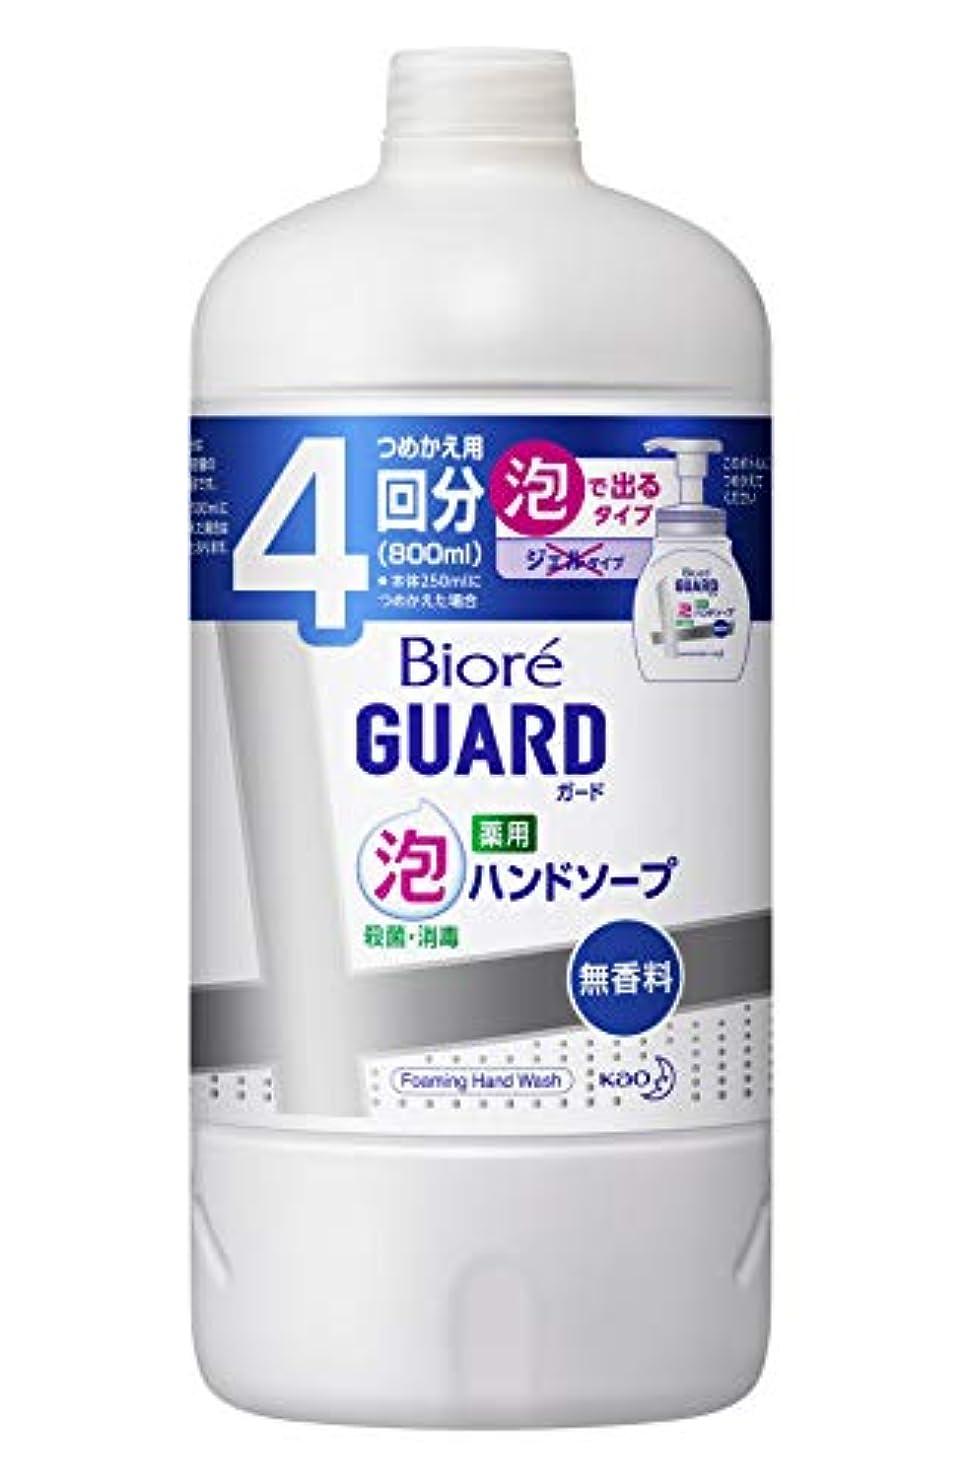 通知予定検体【大容量】 ビオレガード薬用泡ハンドソープ 無香料 つめかえ用 800ml